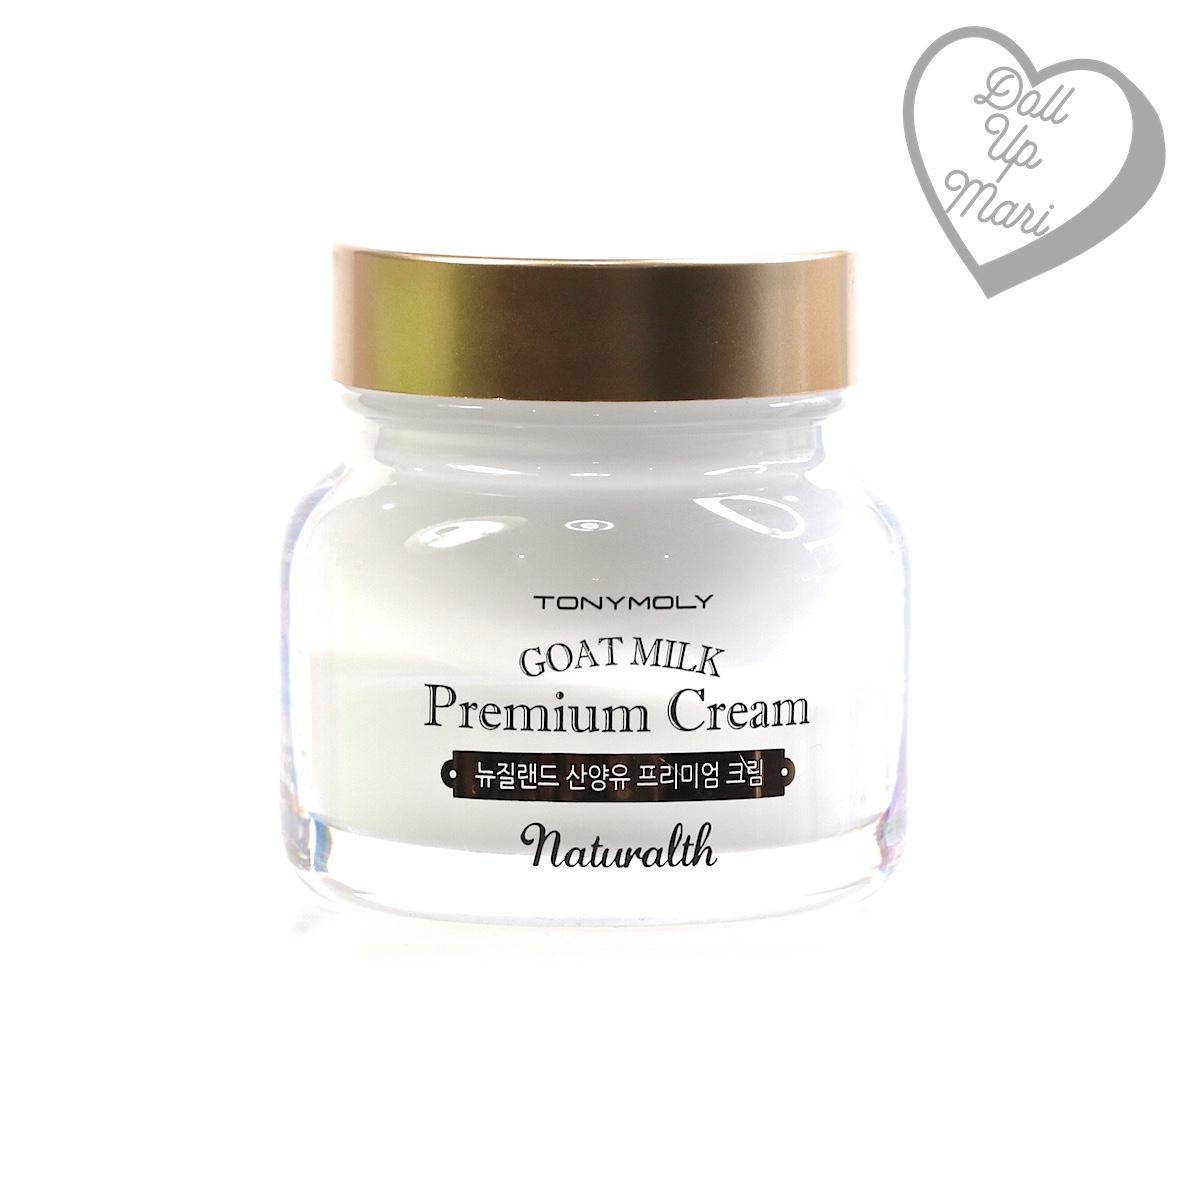 Tony Moly Goat Milk Premium Cream